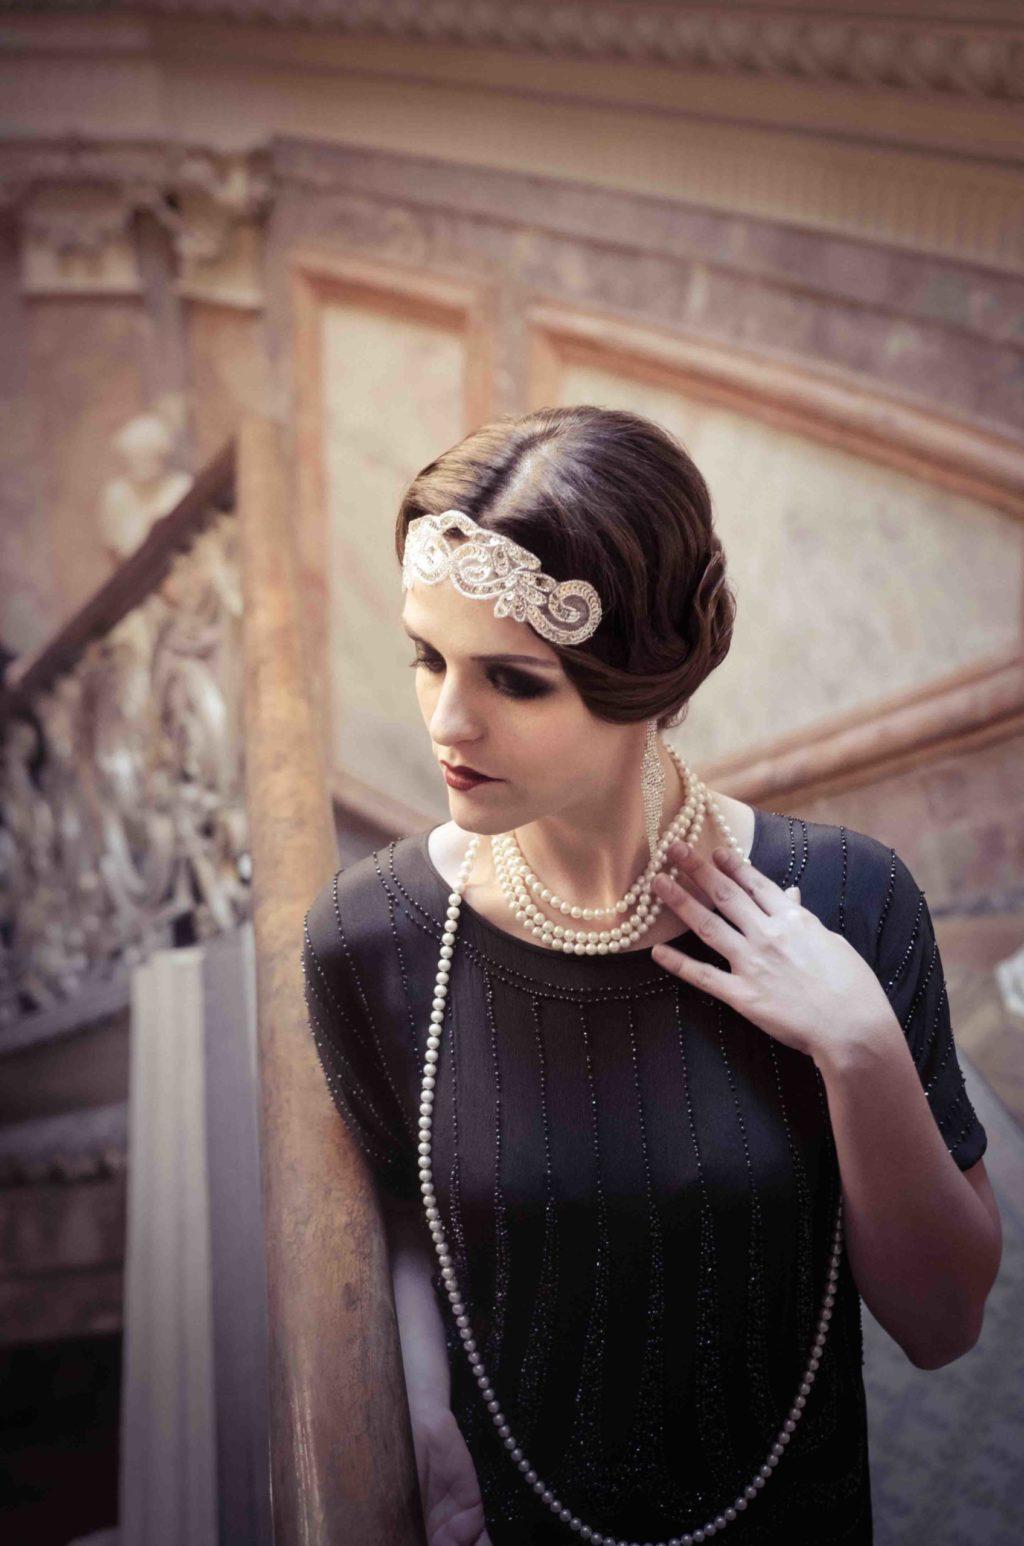 gatsby, charleston, flecos, perlas, original, creatividad, retrato